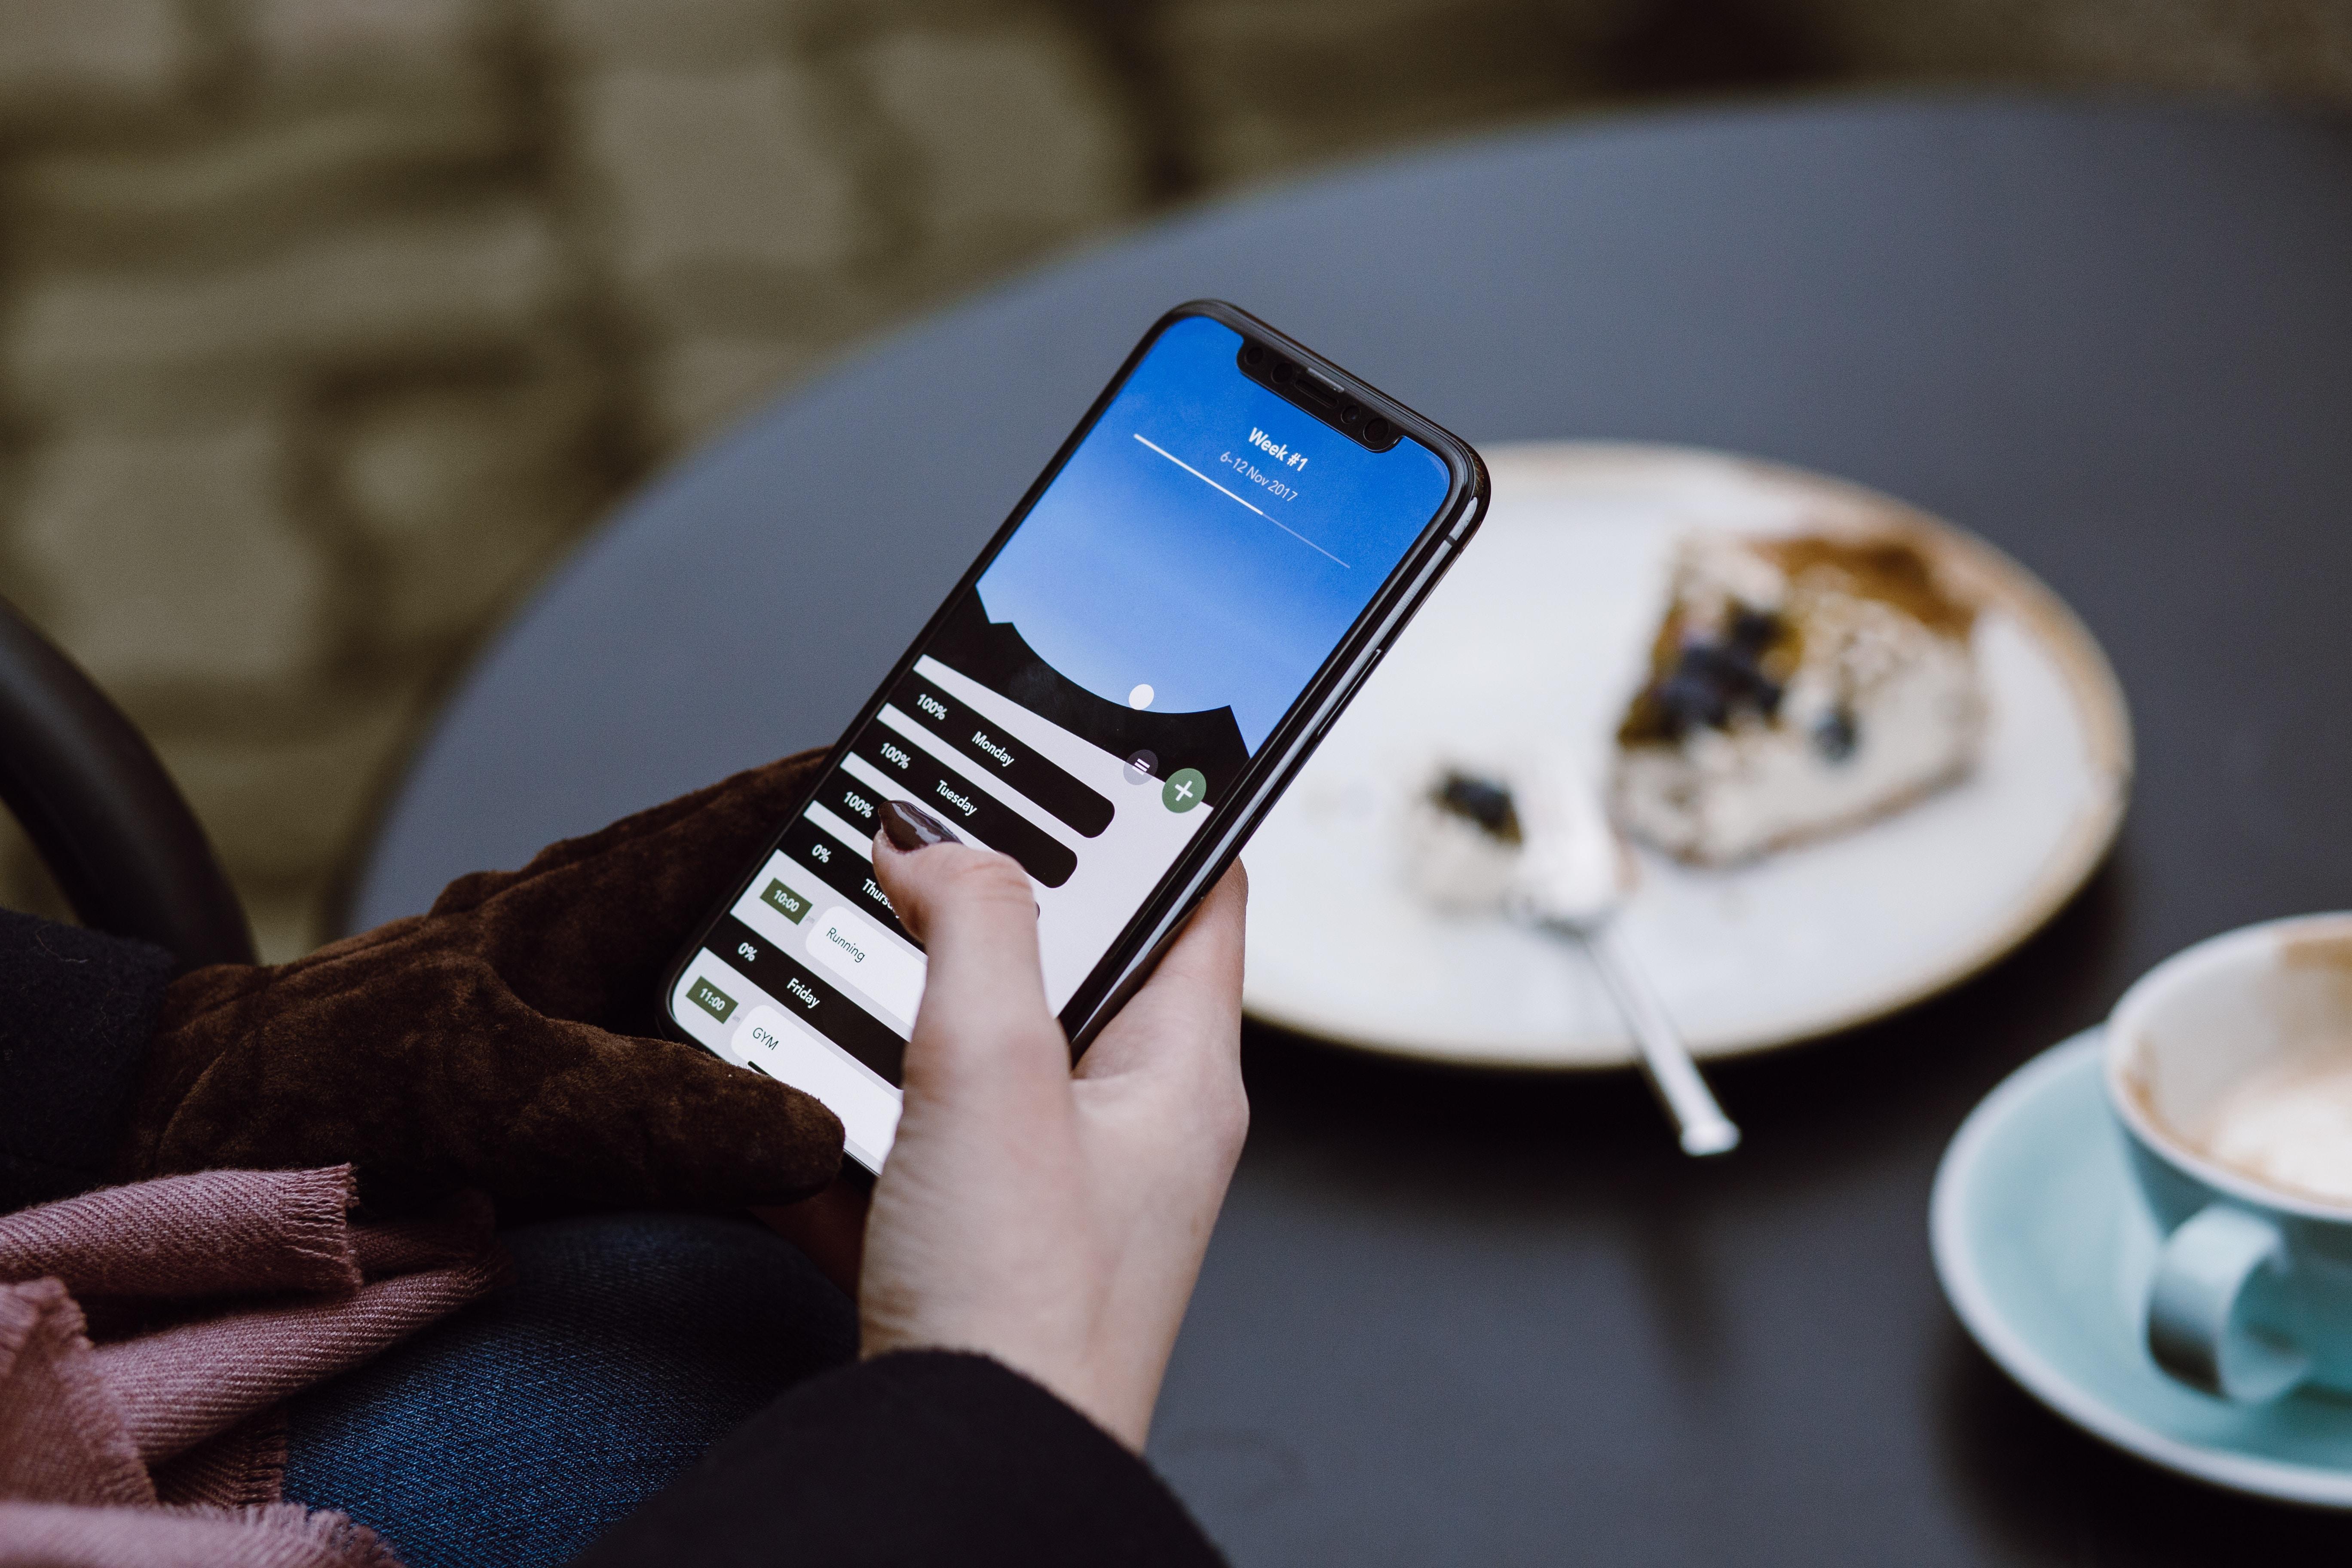 黒のスマートフォンを使用している人の選択的な焦点写真